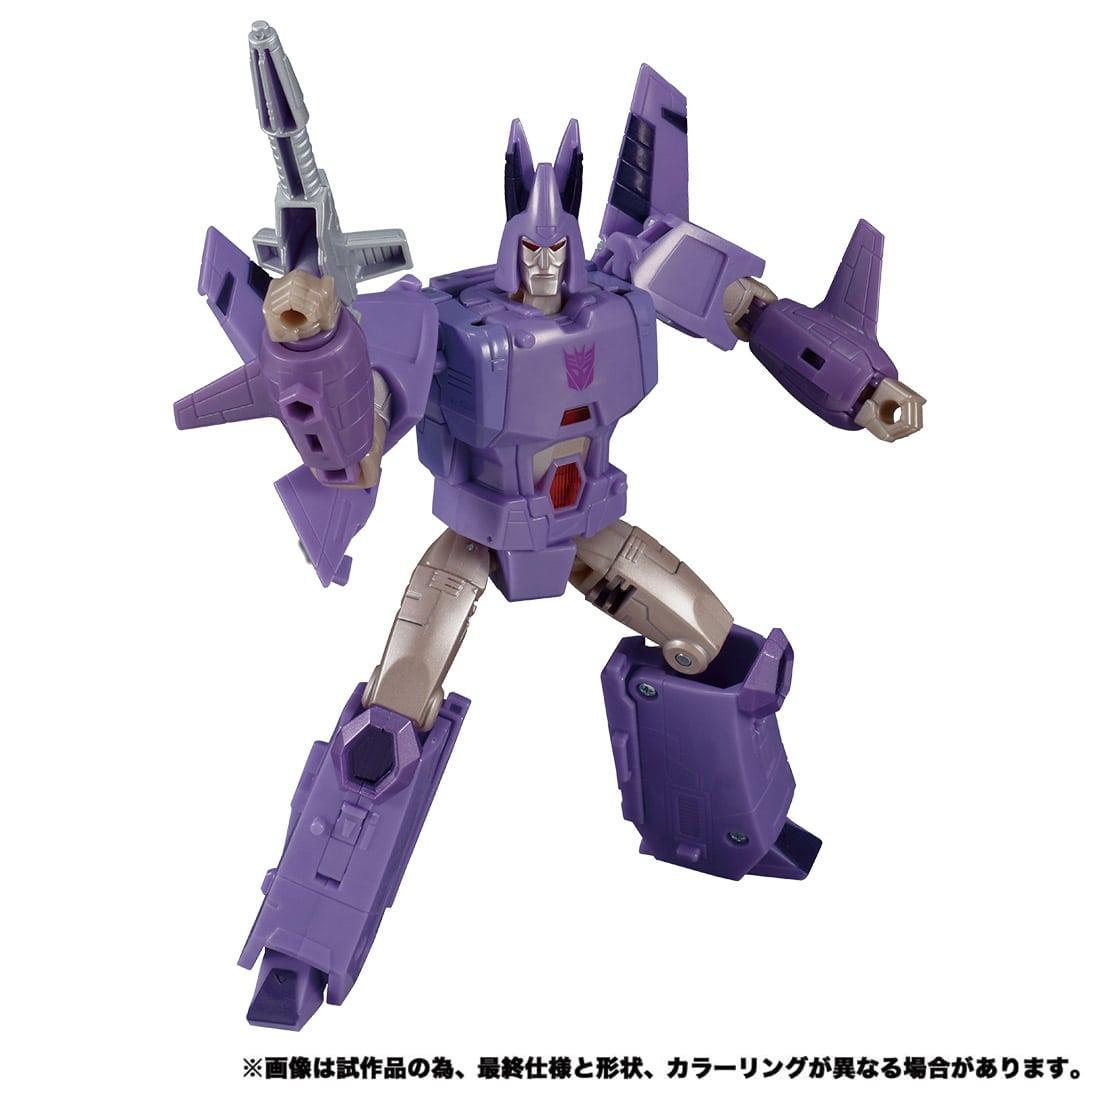 トランスフォーマー キングダム『KD-07 サイクロナス』可変可動フィギュア-001